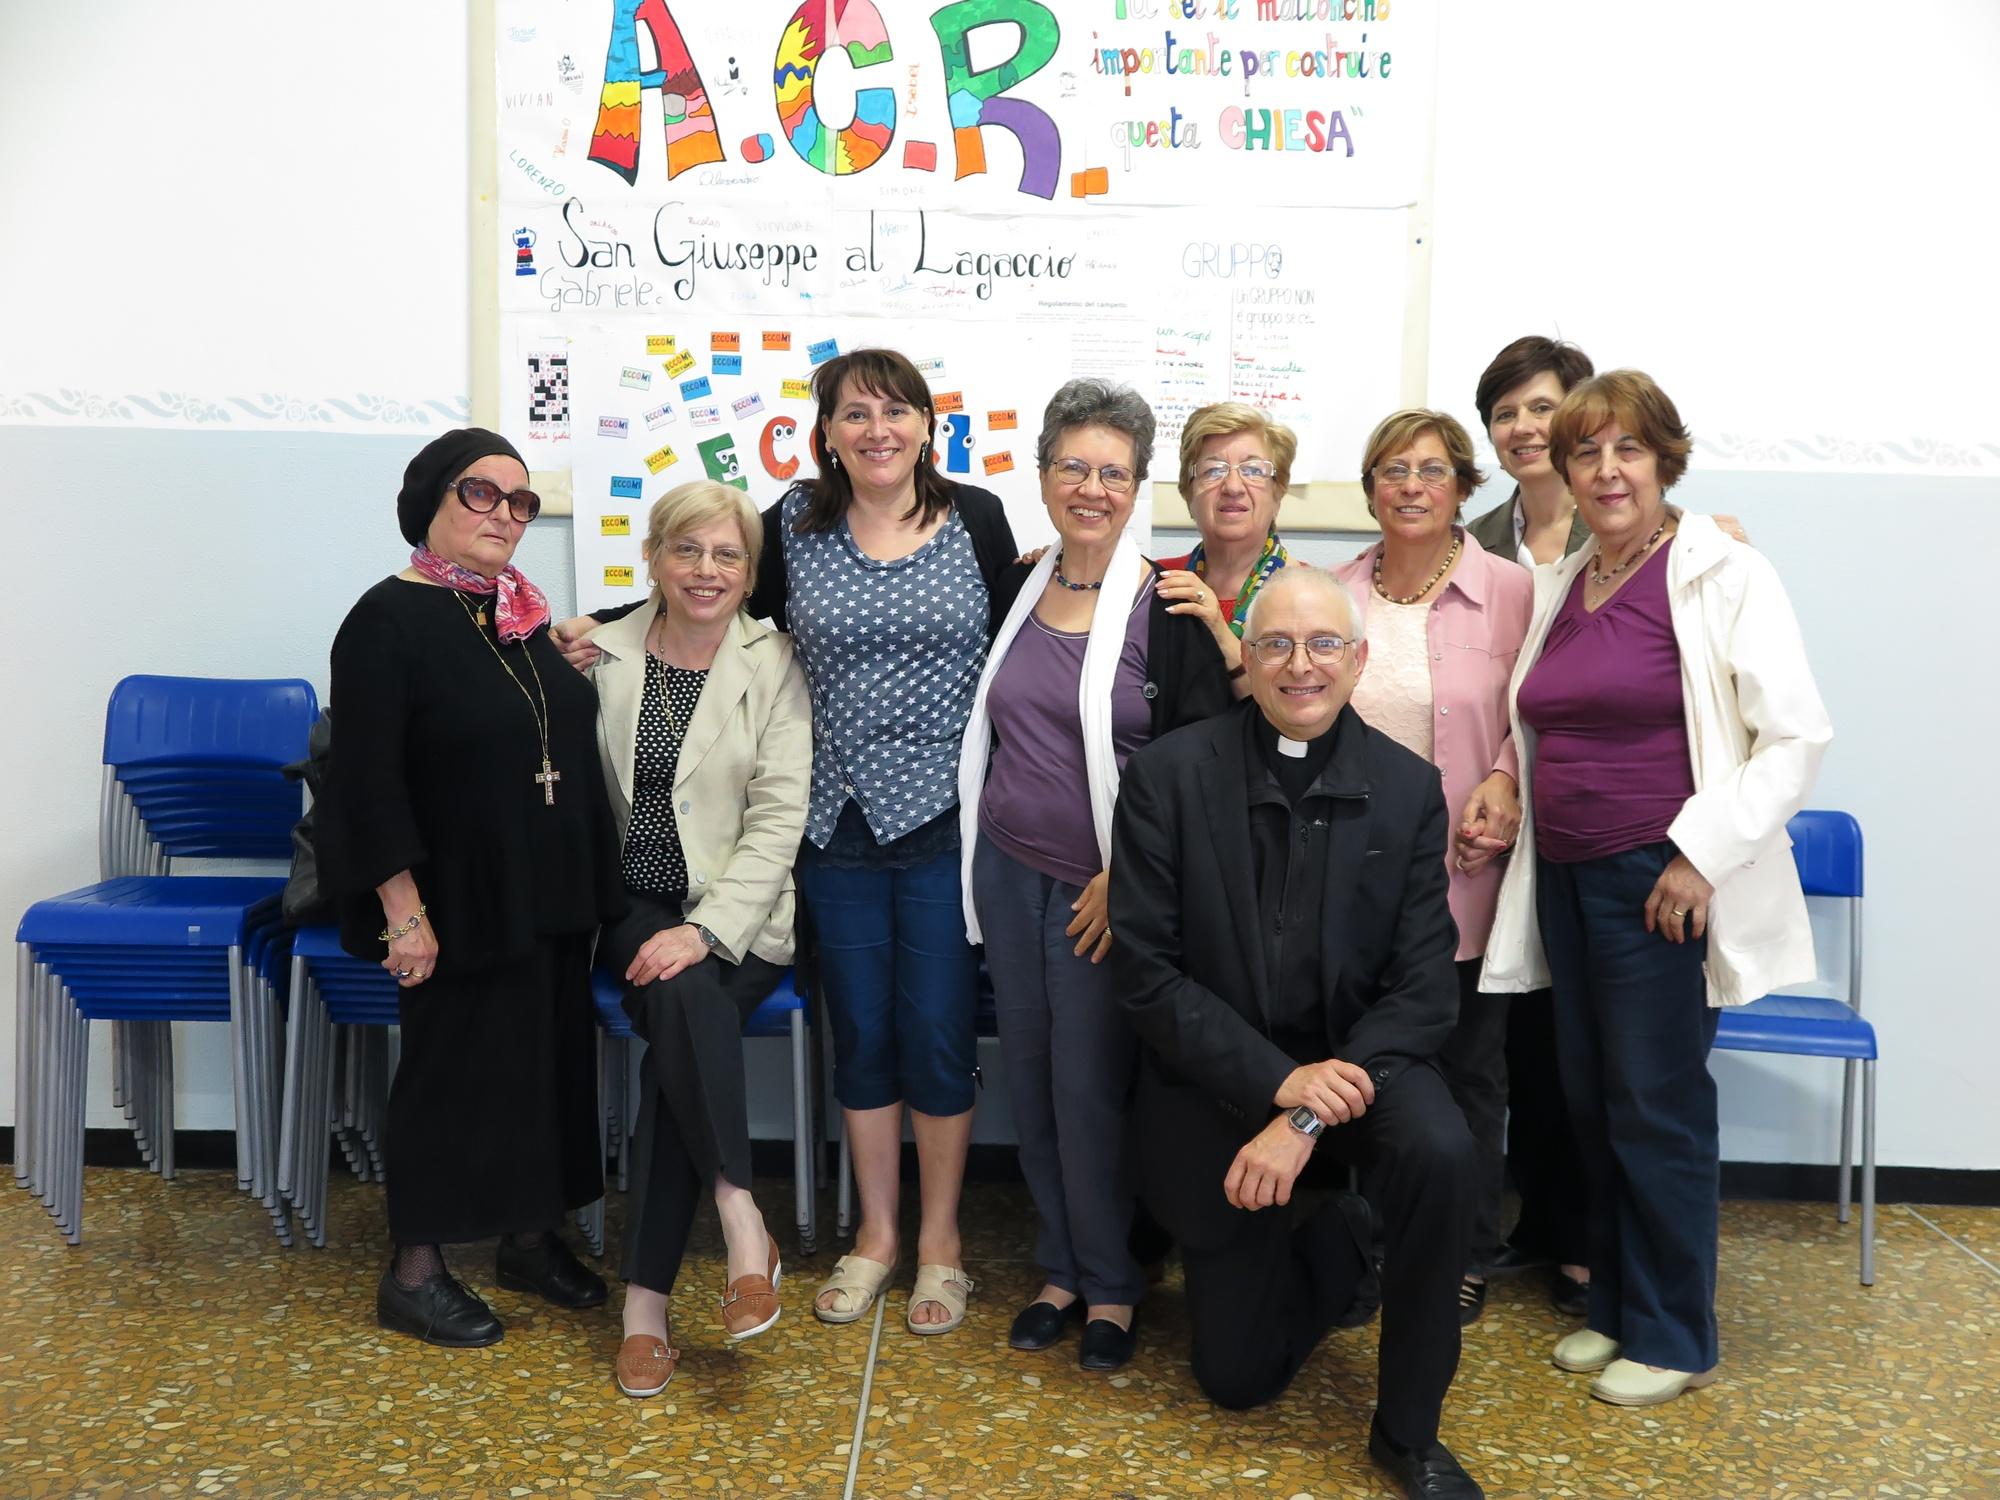 fine-anno-catechiste-2016-06-17-17-37-30